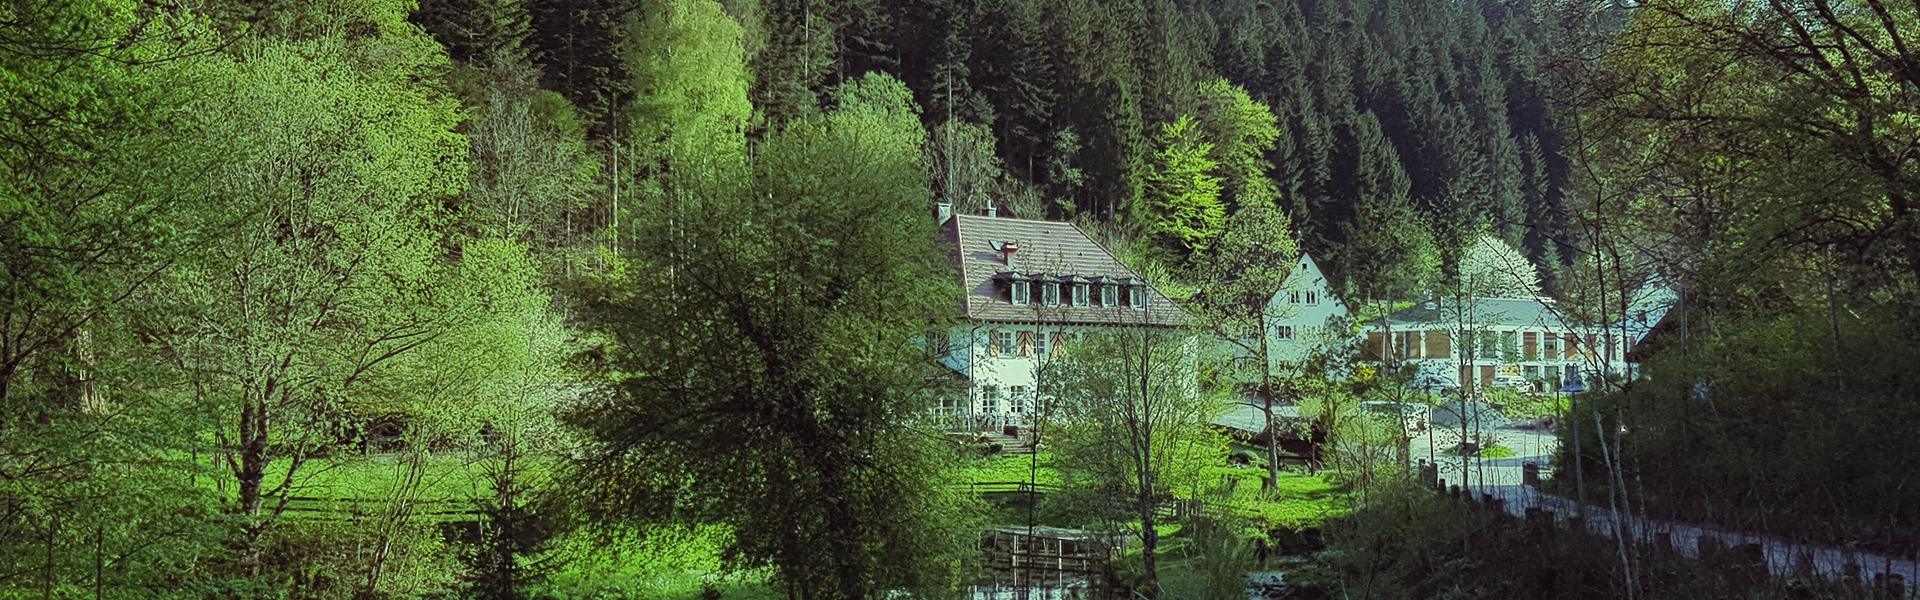 Außenanlage Gut-Lauterbad Hotel Freudenstadt